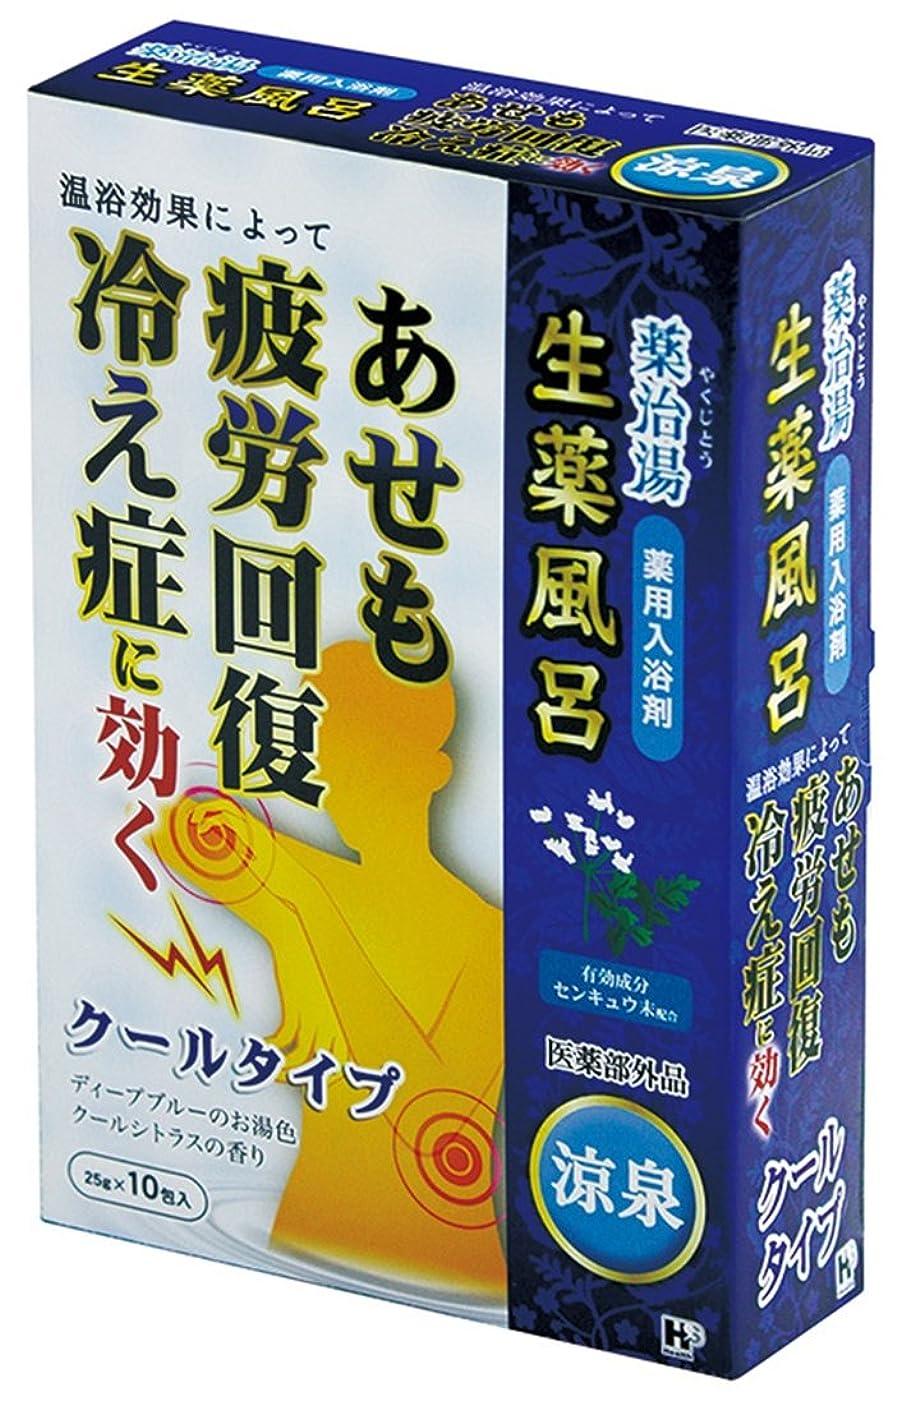 に勝る染色ガチョウヘルス 薬治湯 薬用入浴剤 分包 涼泉 25g×10包 [医薬部外品]